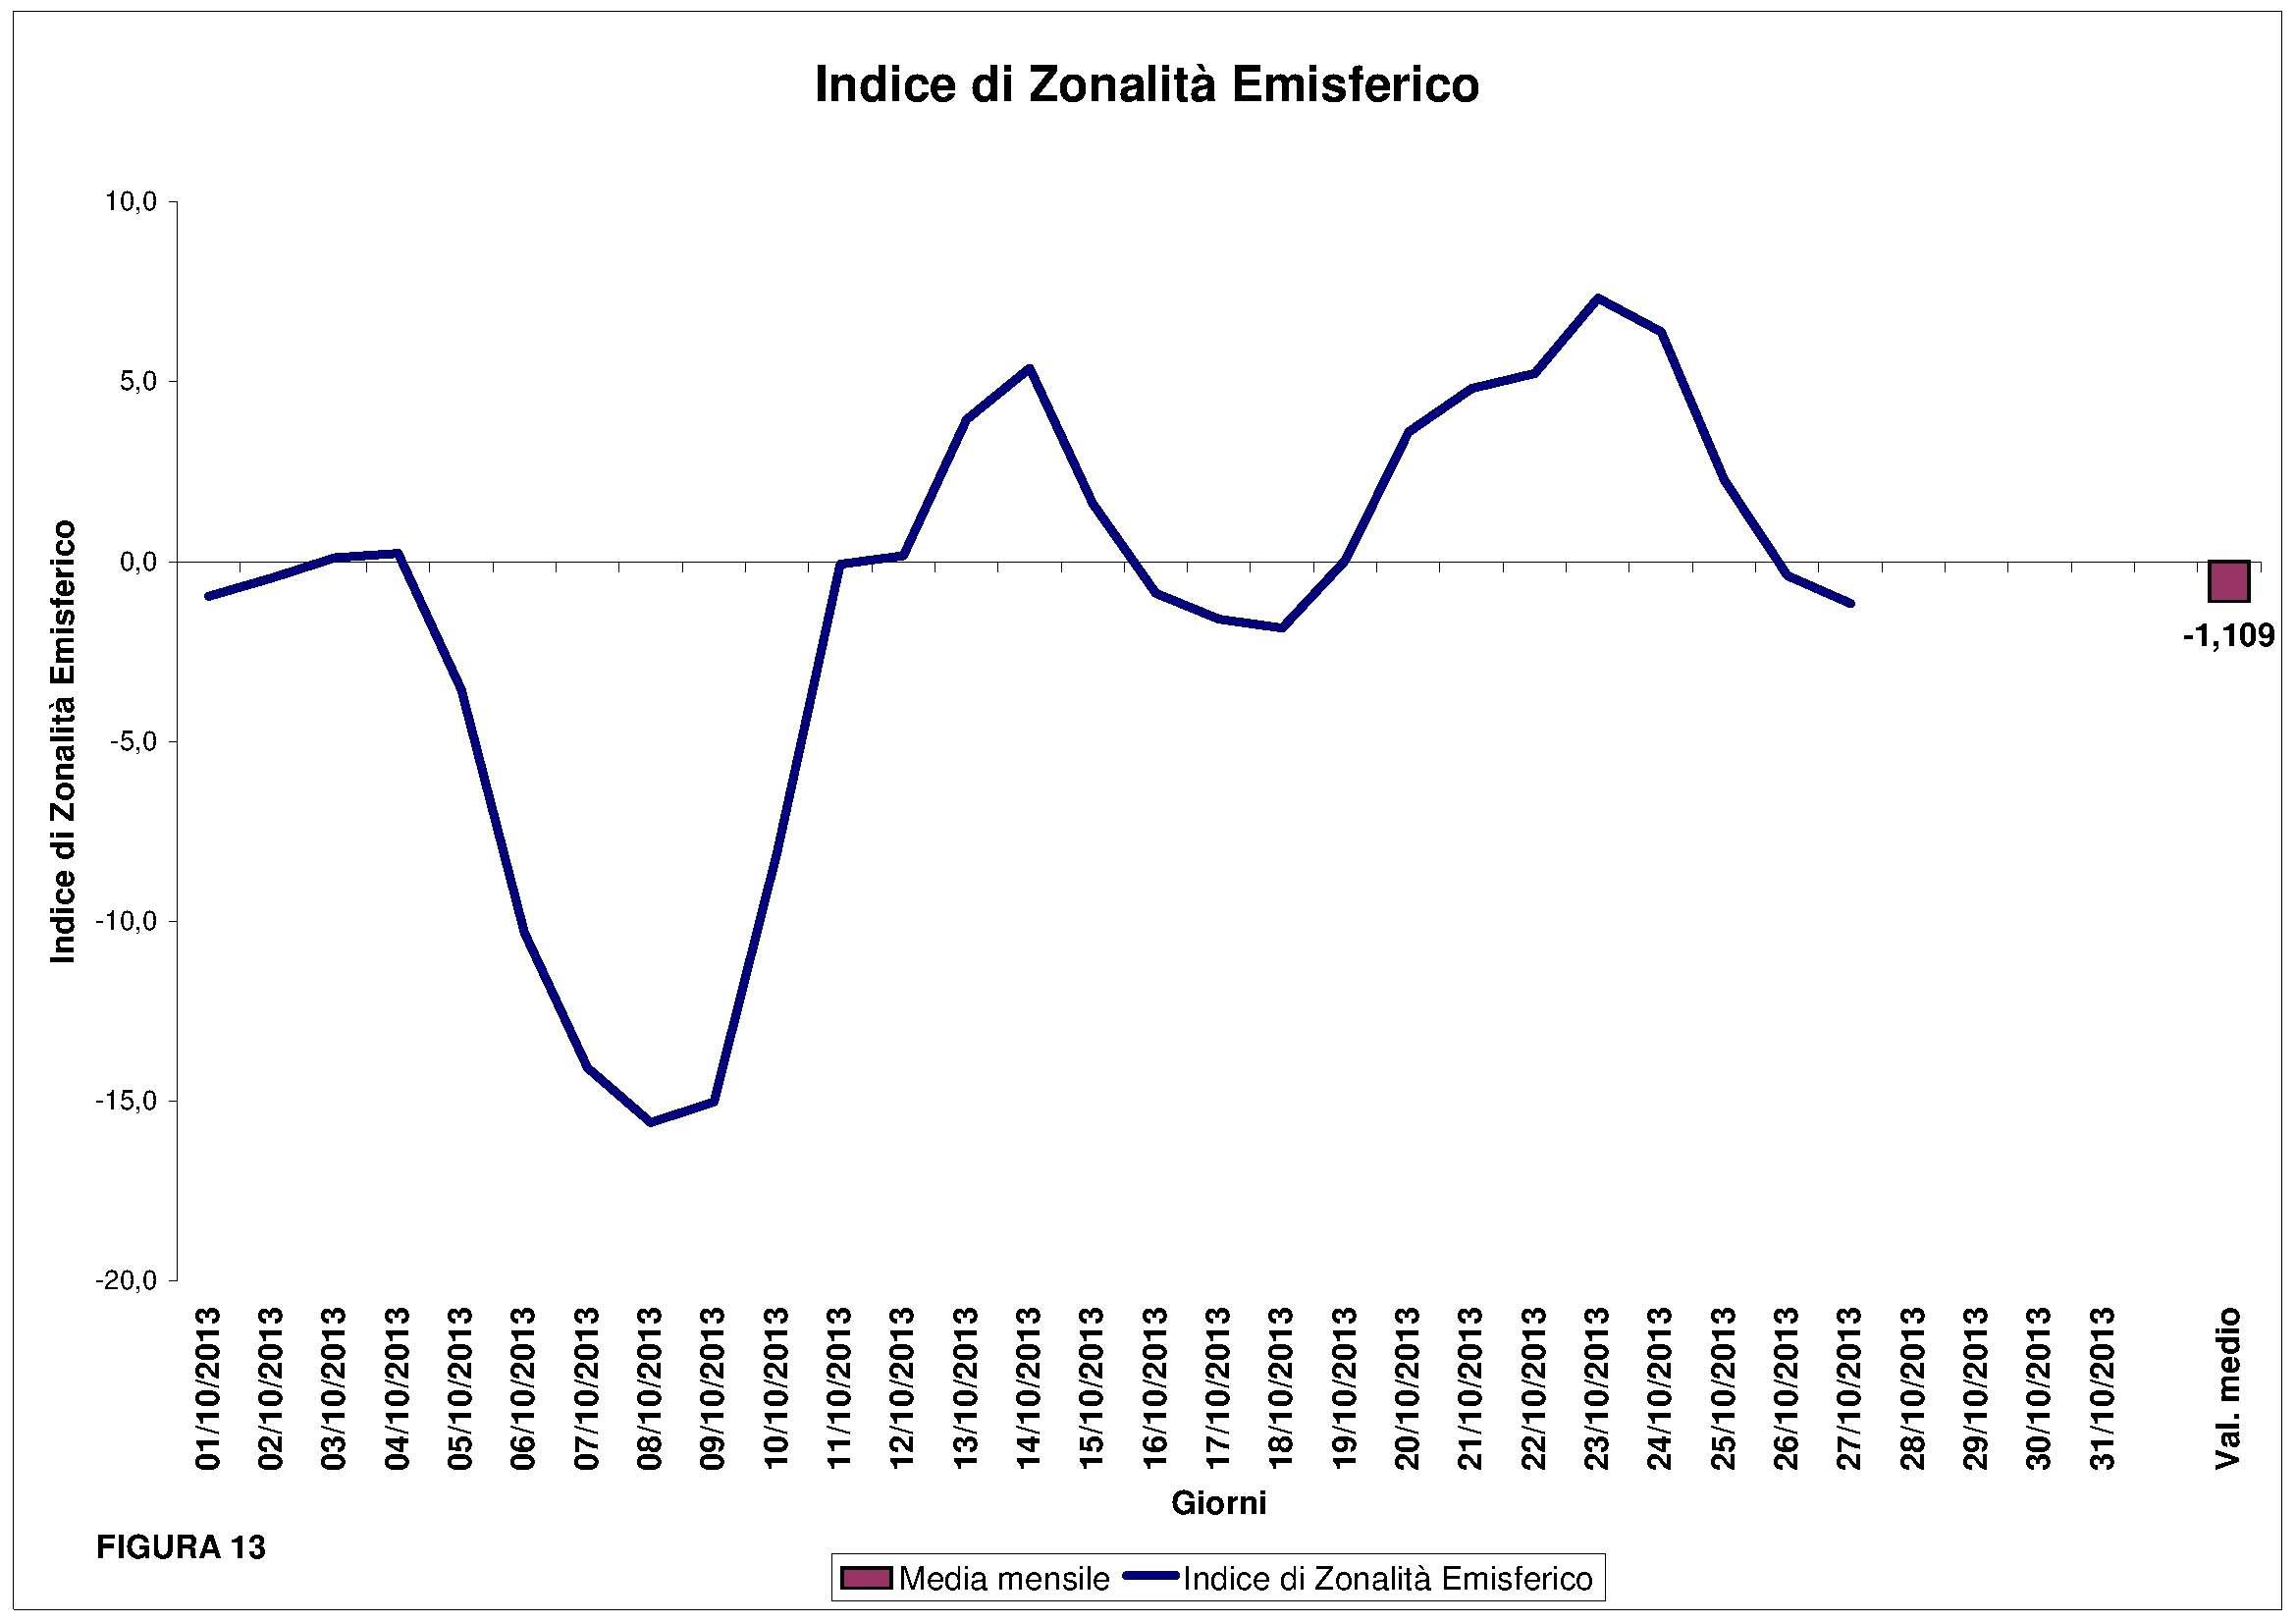 13_Indice di zonalita emisferico